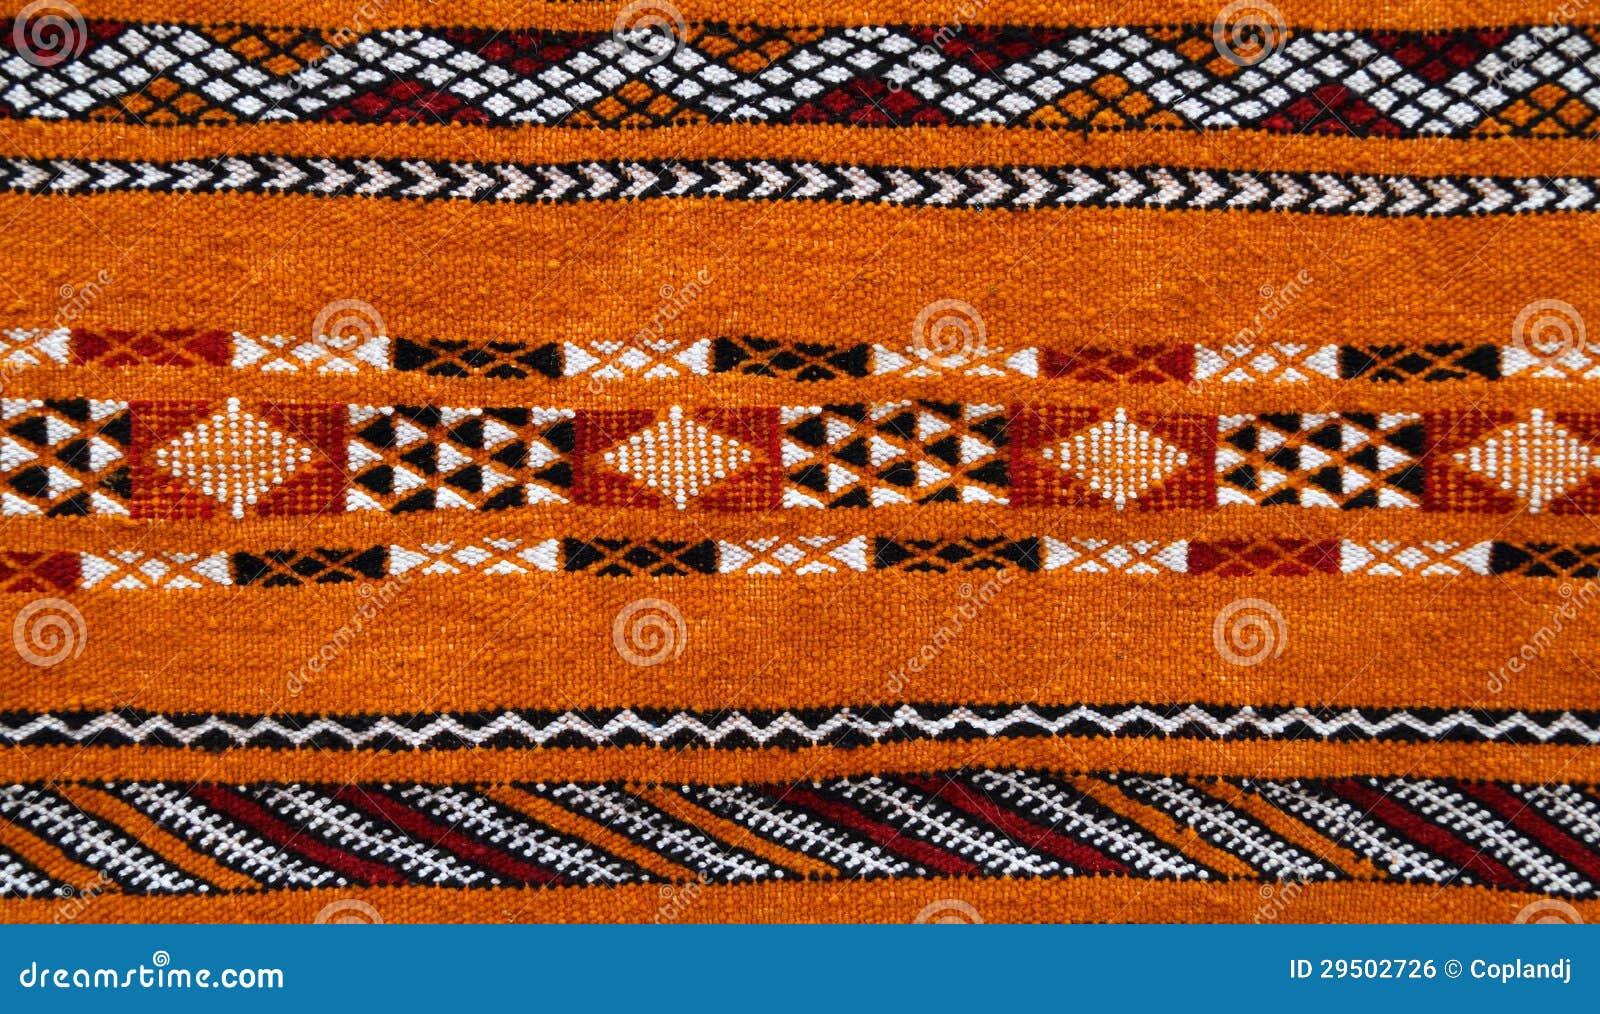 Marokkaans tapijtdetail